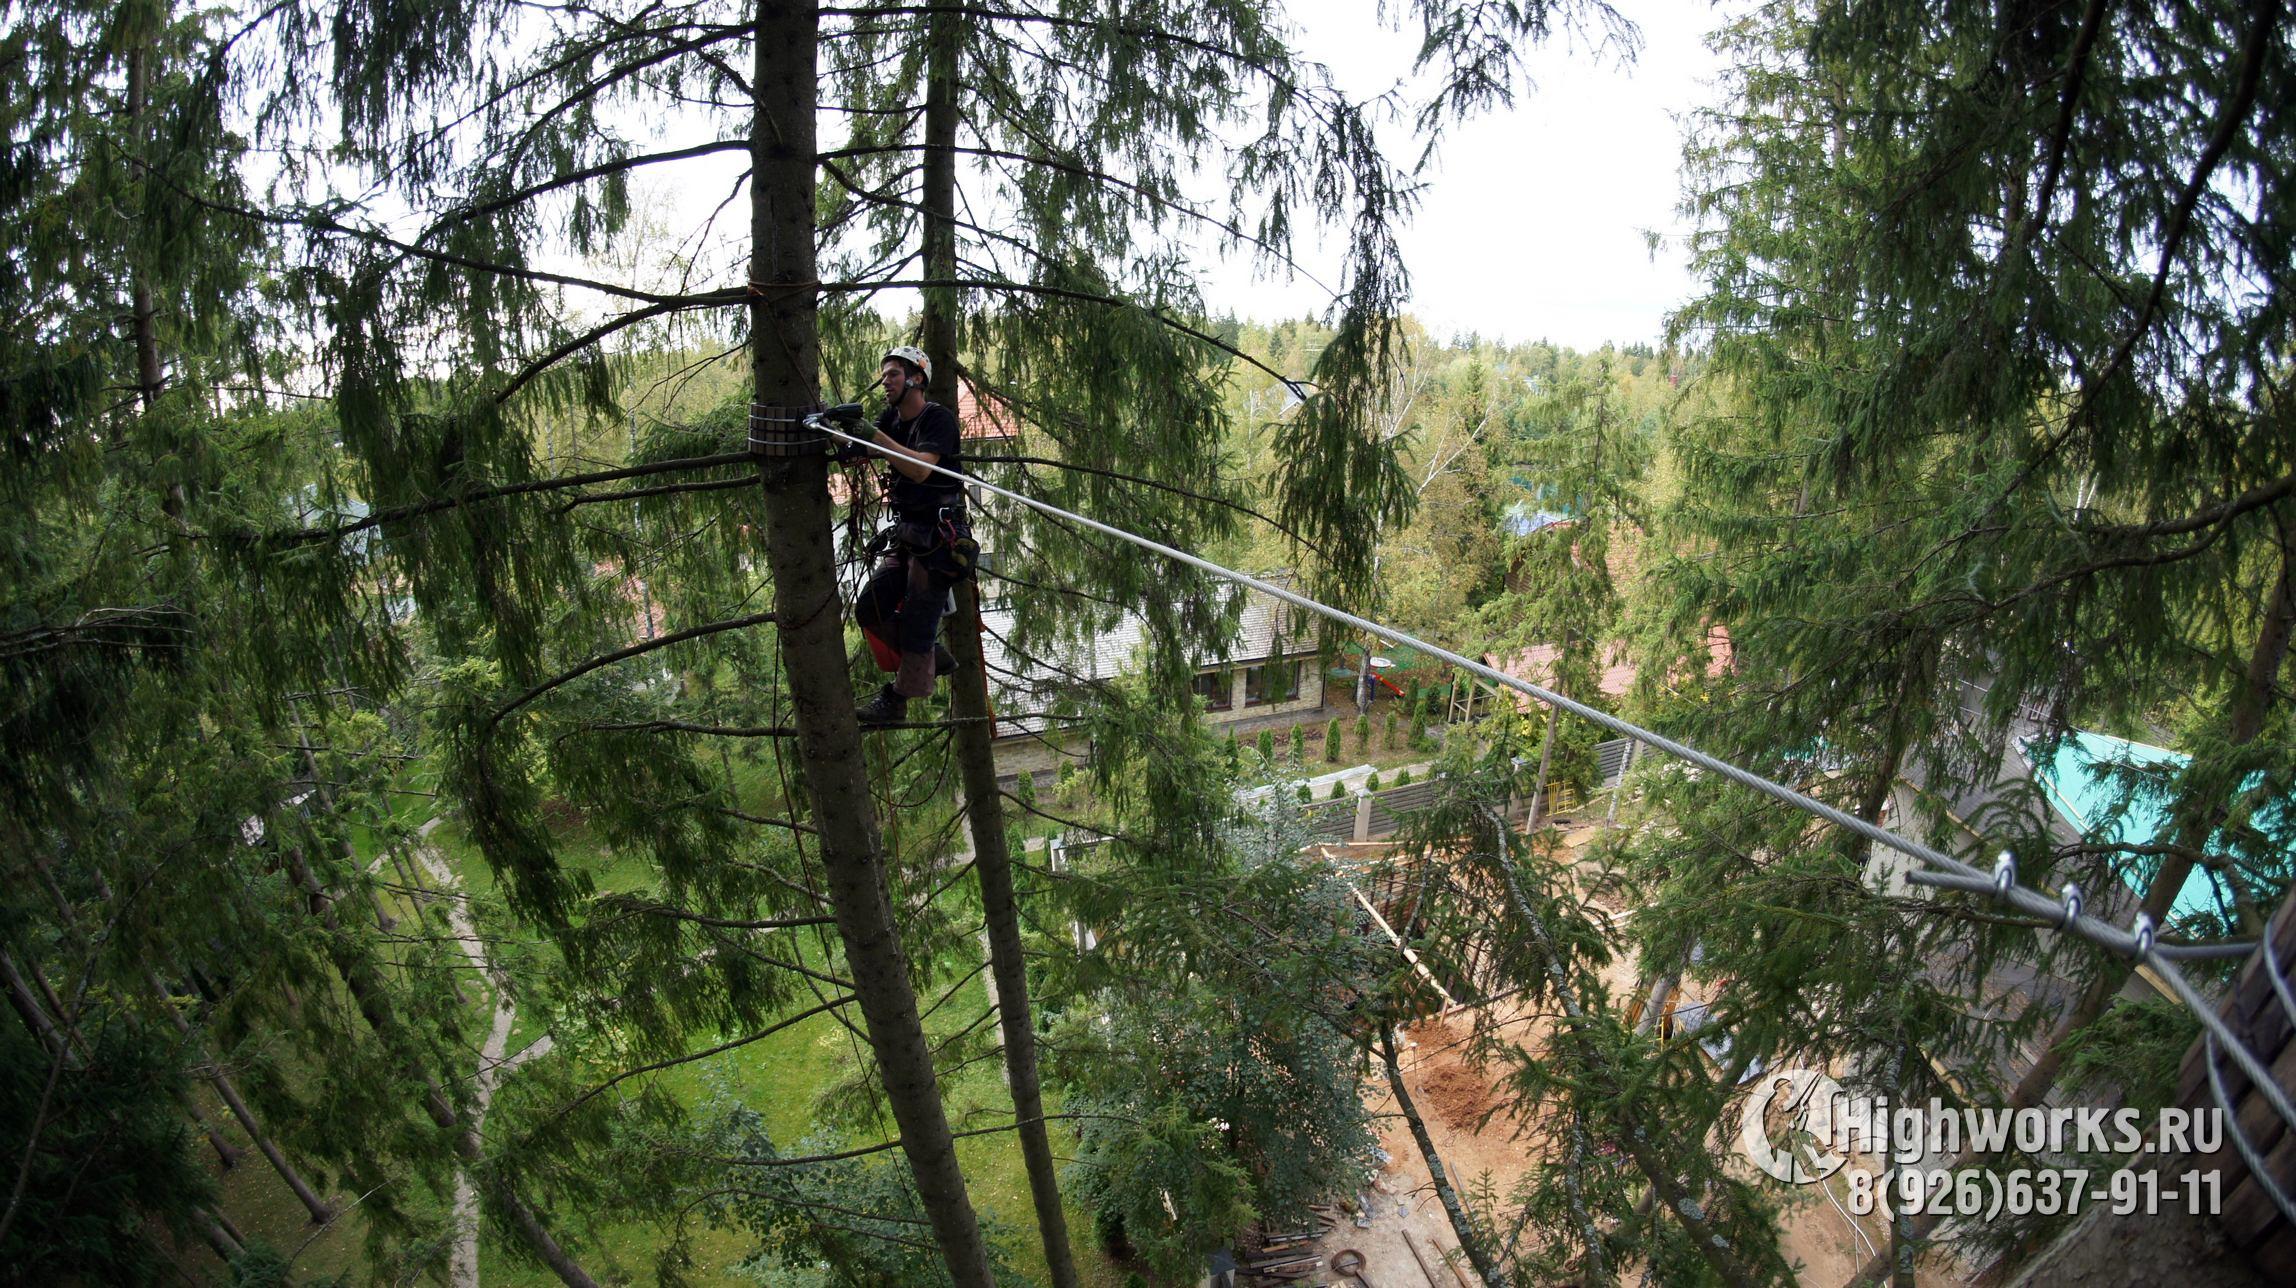 Укрепление деревьев промышленными альпинистами